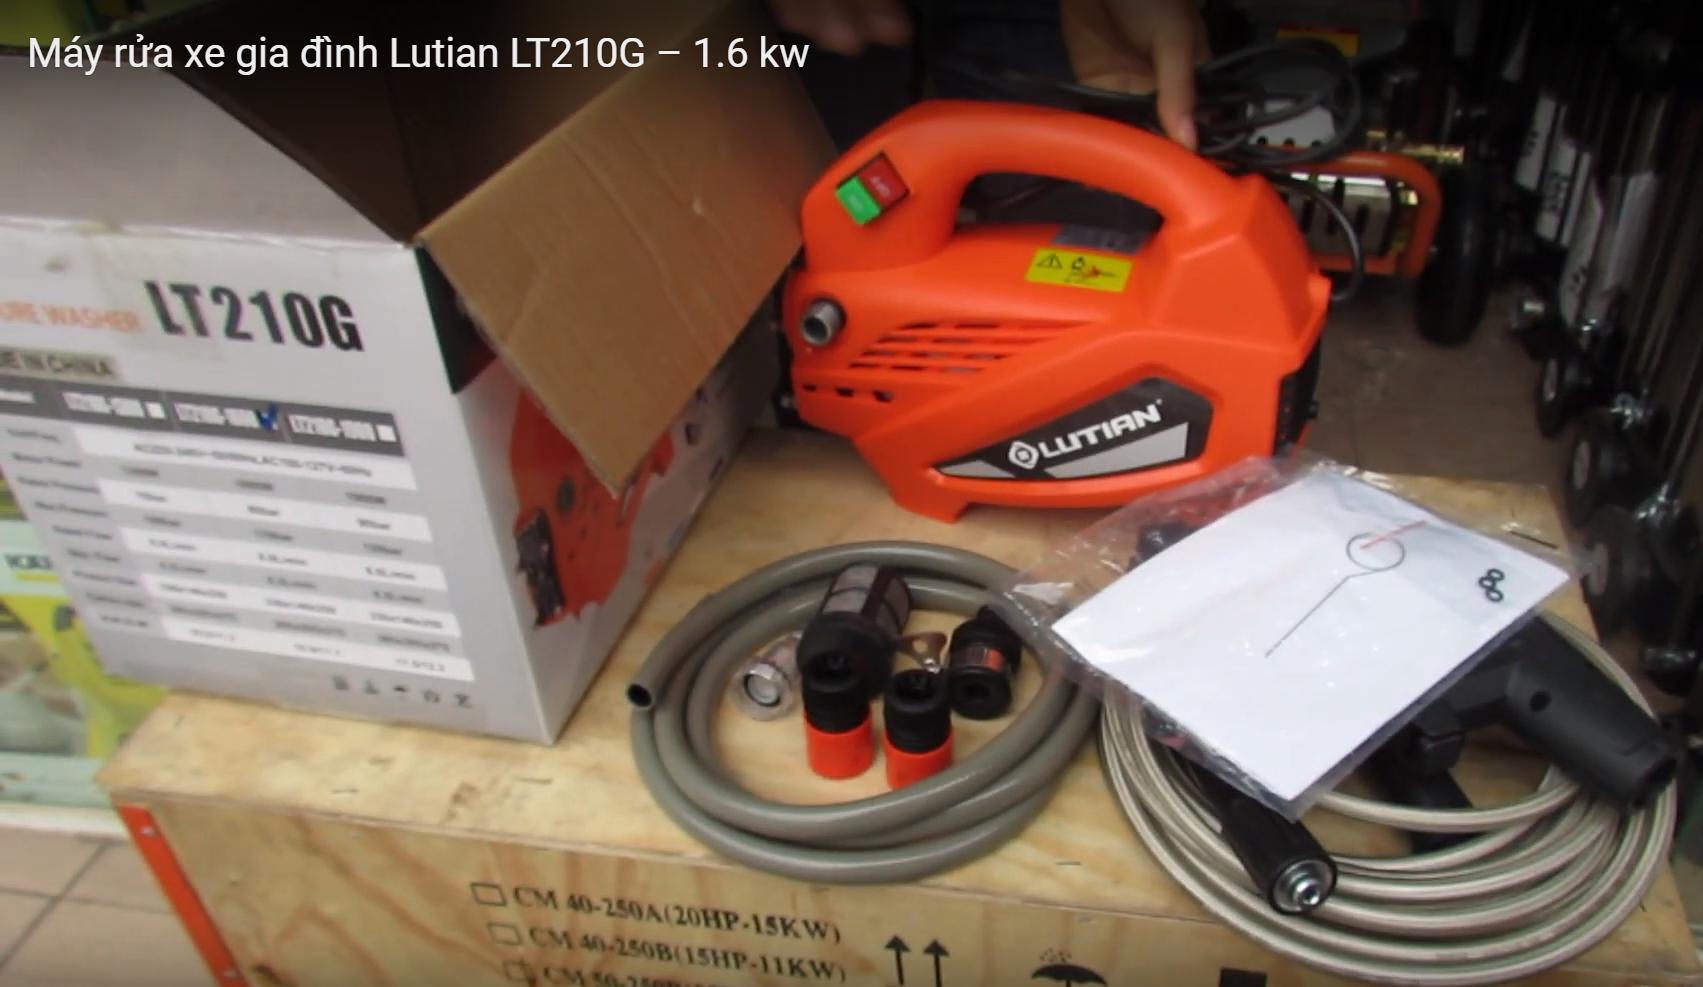 Lutian LT210G 1600W